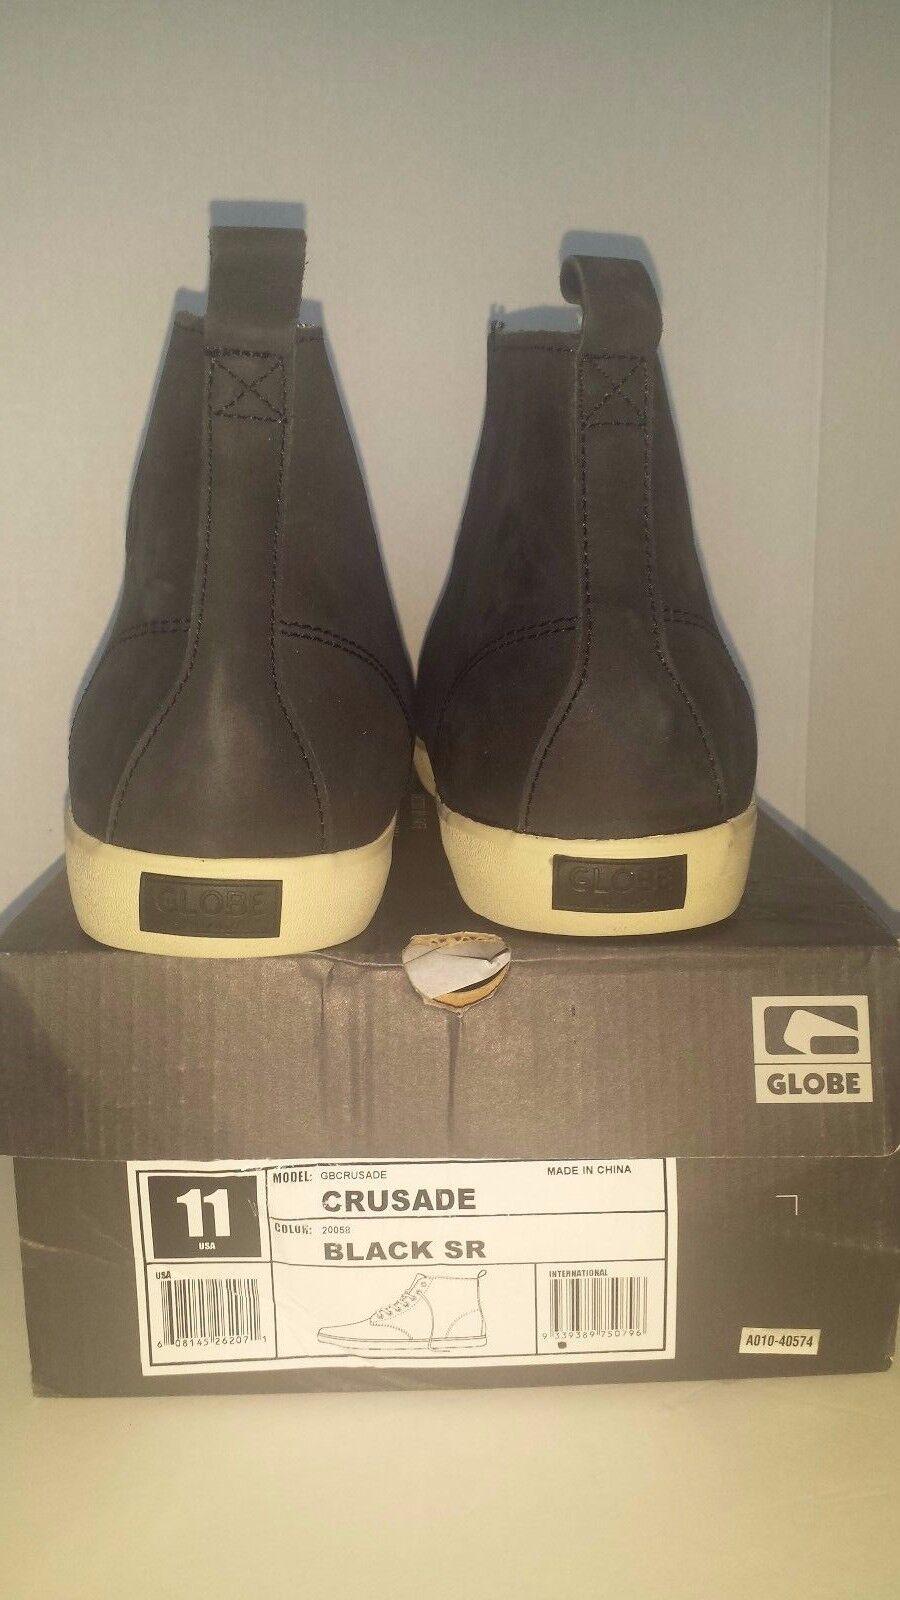 Globe Skater Crusade Skater Globe Sneaker Black SR Sz 11 be90ce